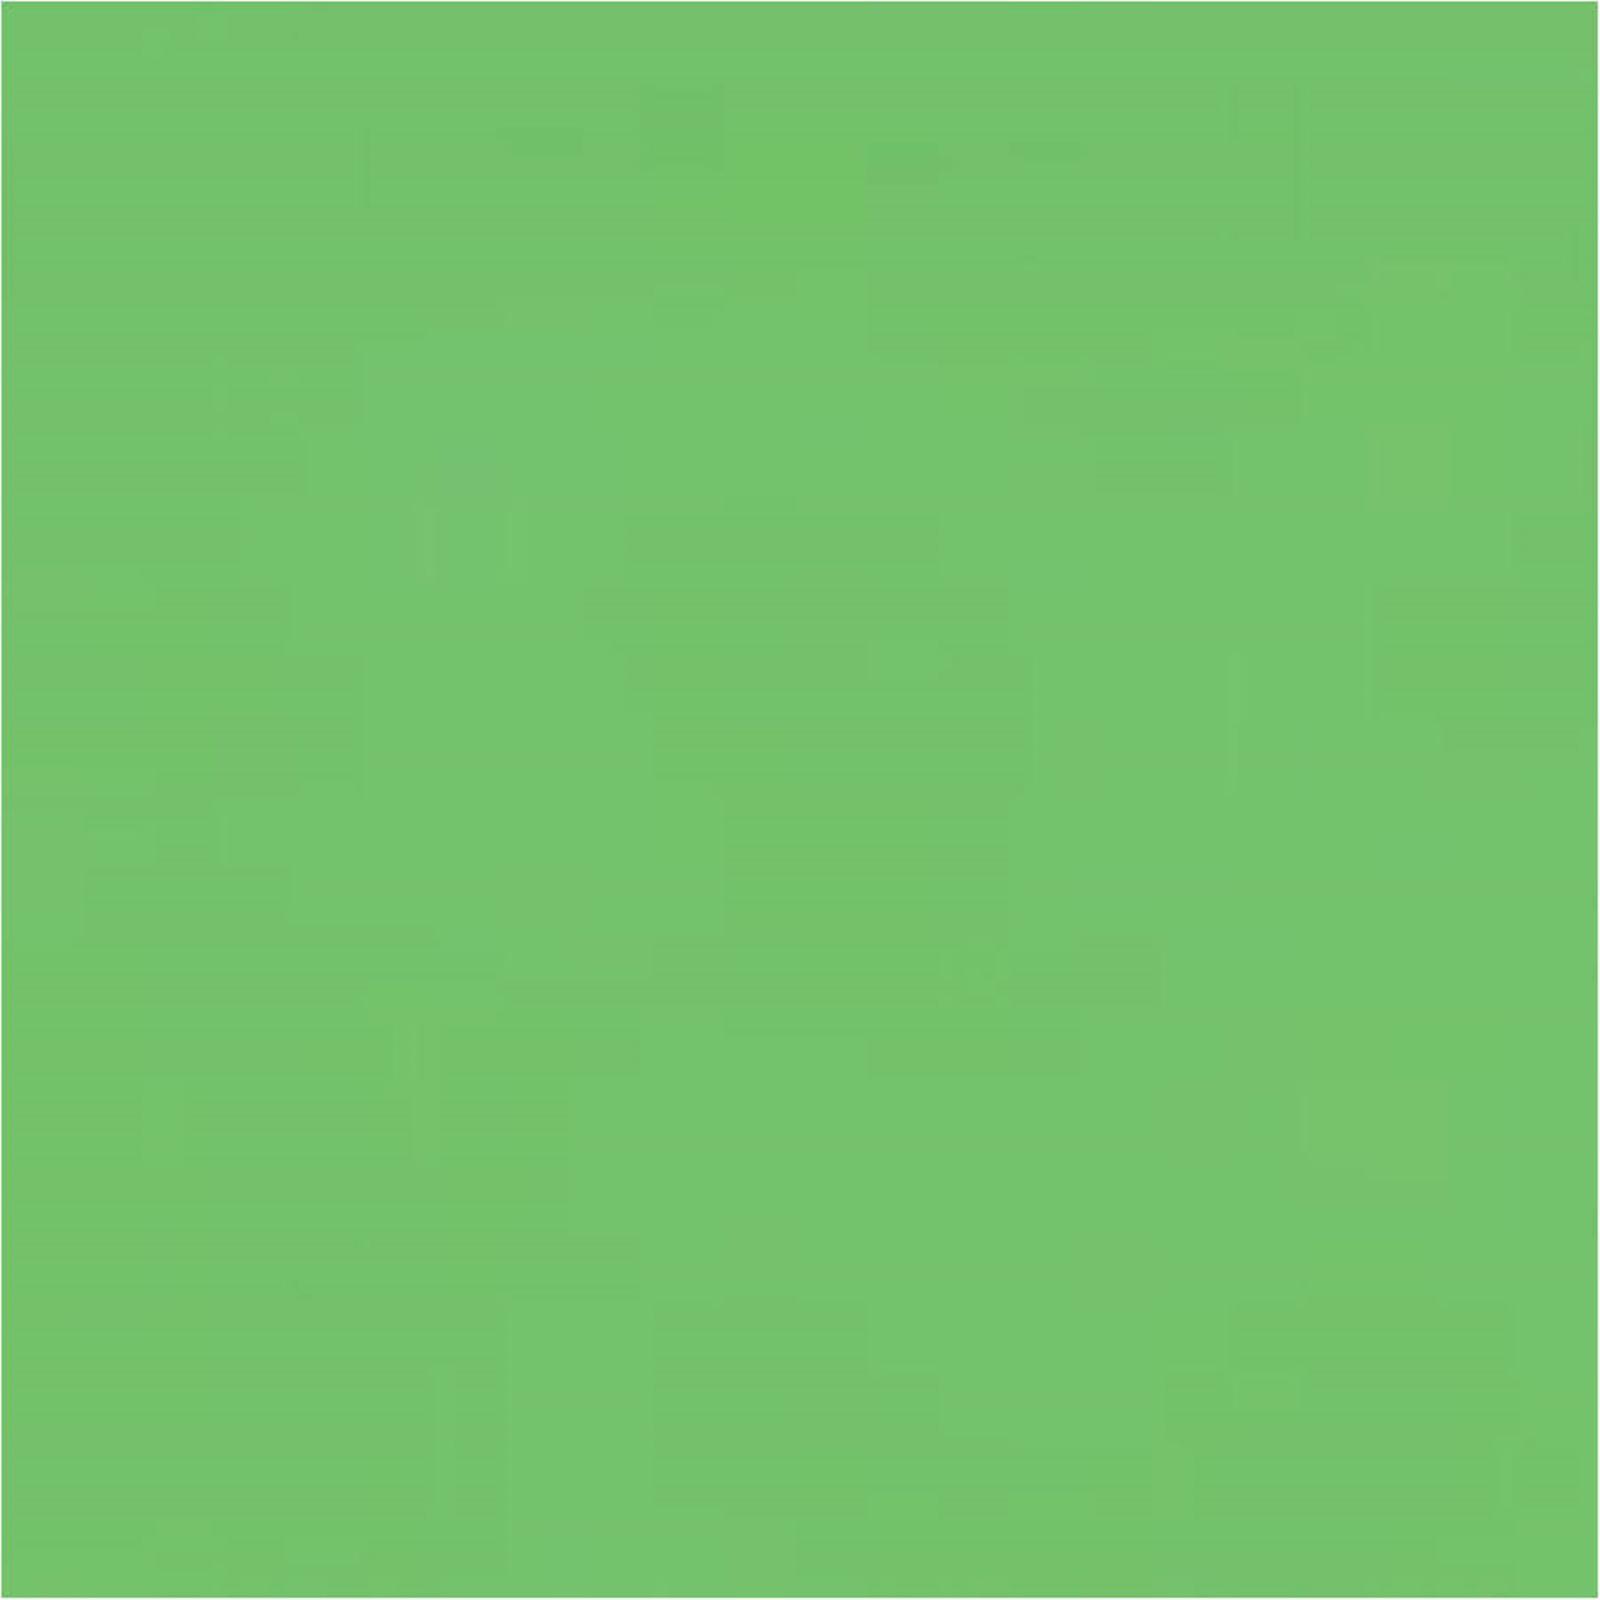 verde frunza